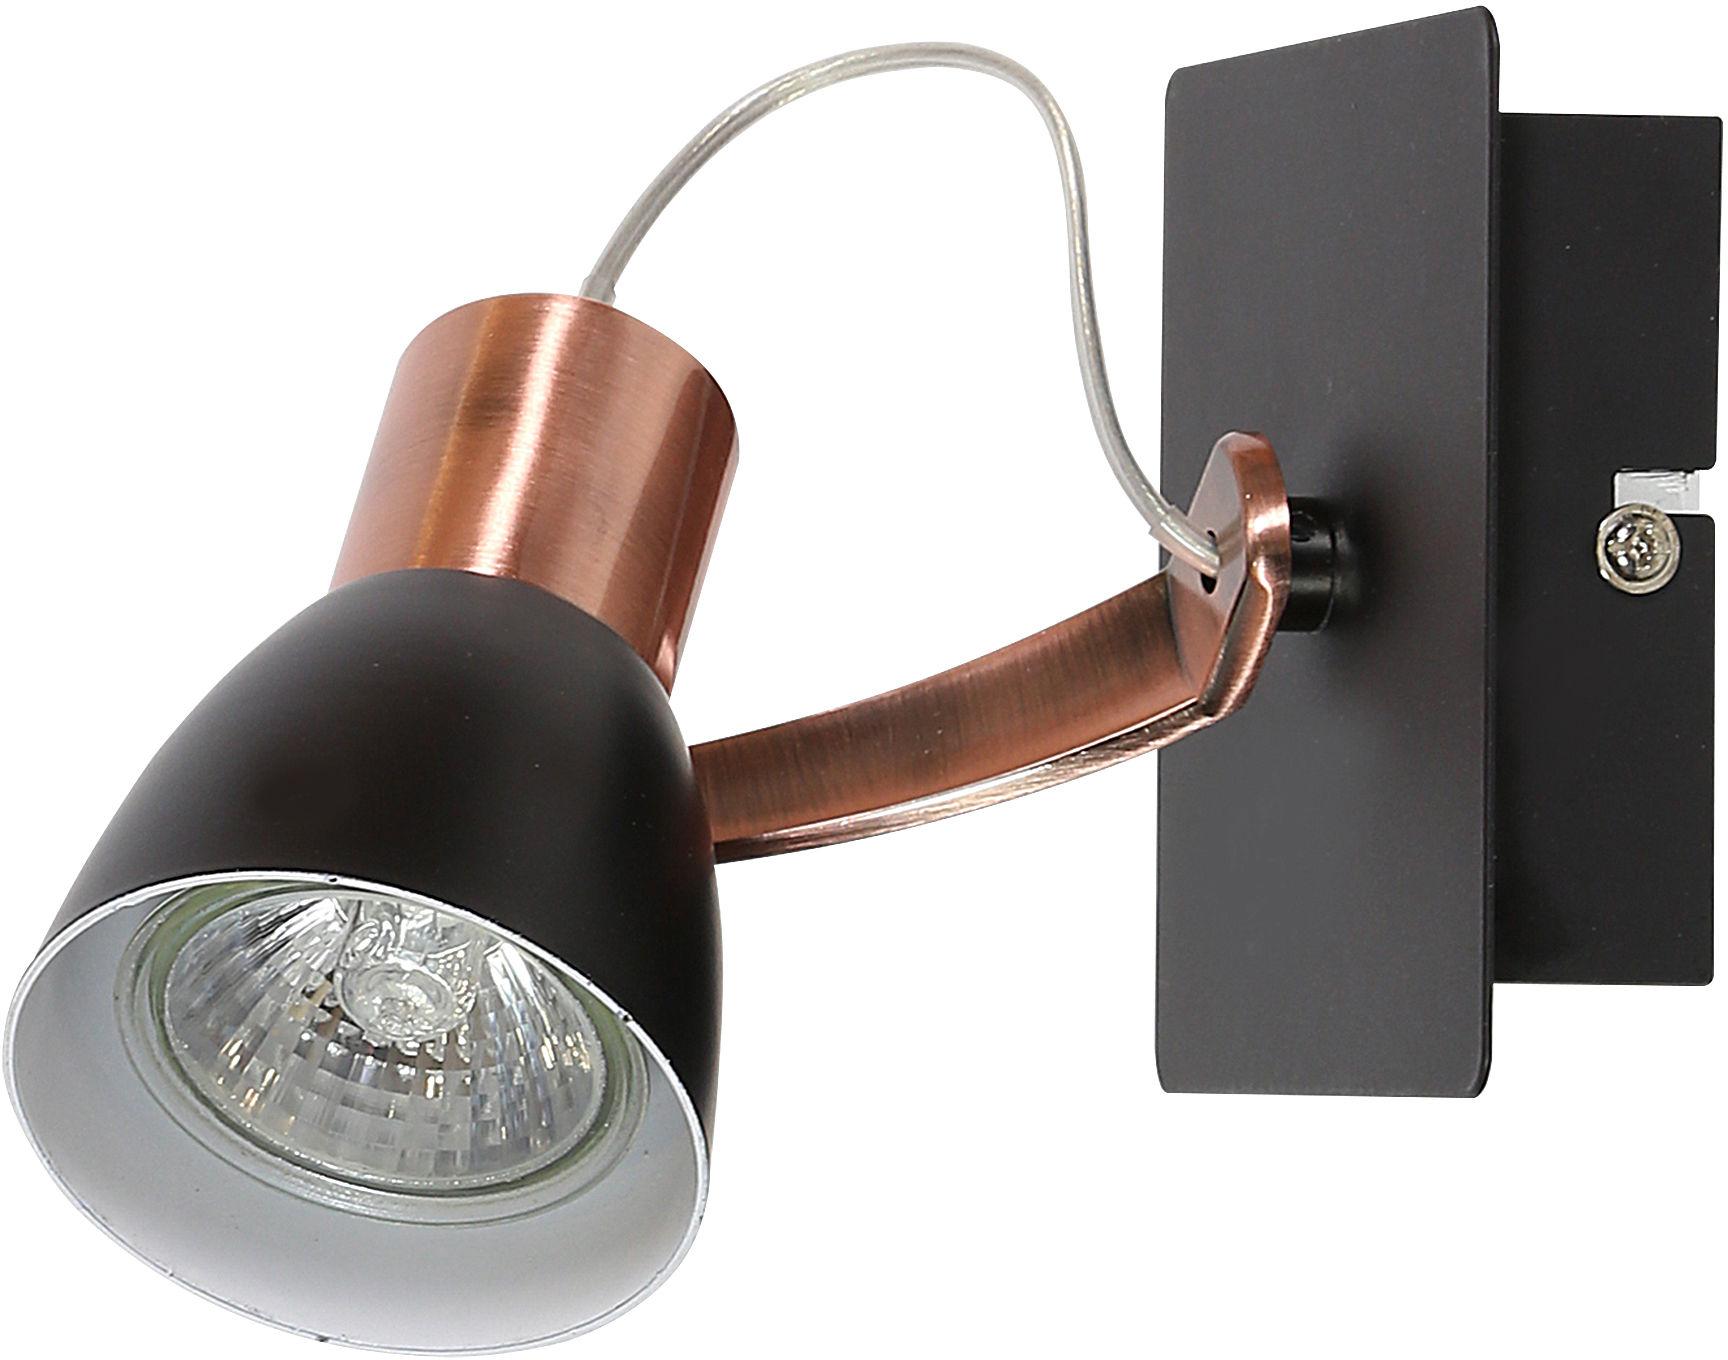 Candellux MARKUS 91-35554-M kinkiet lampa ścienna czarny+miedziany metalowe abażurek regulacja 1X50W GU10 CZARNY+MIEDZIANY 6,5cm